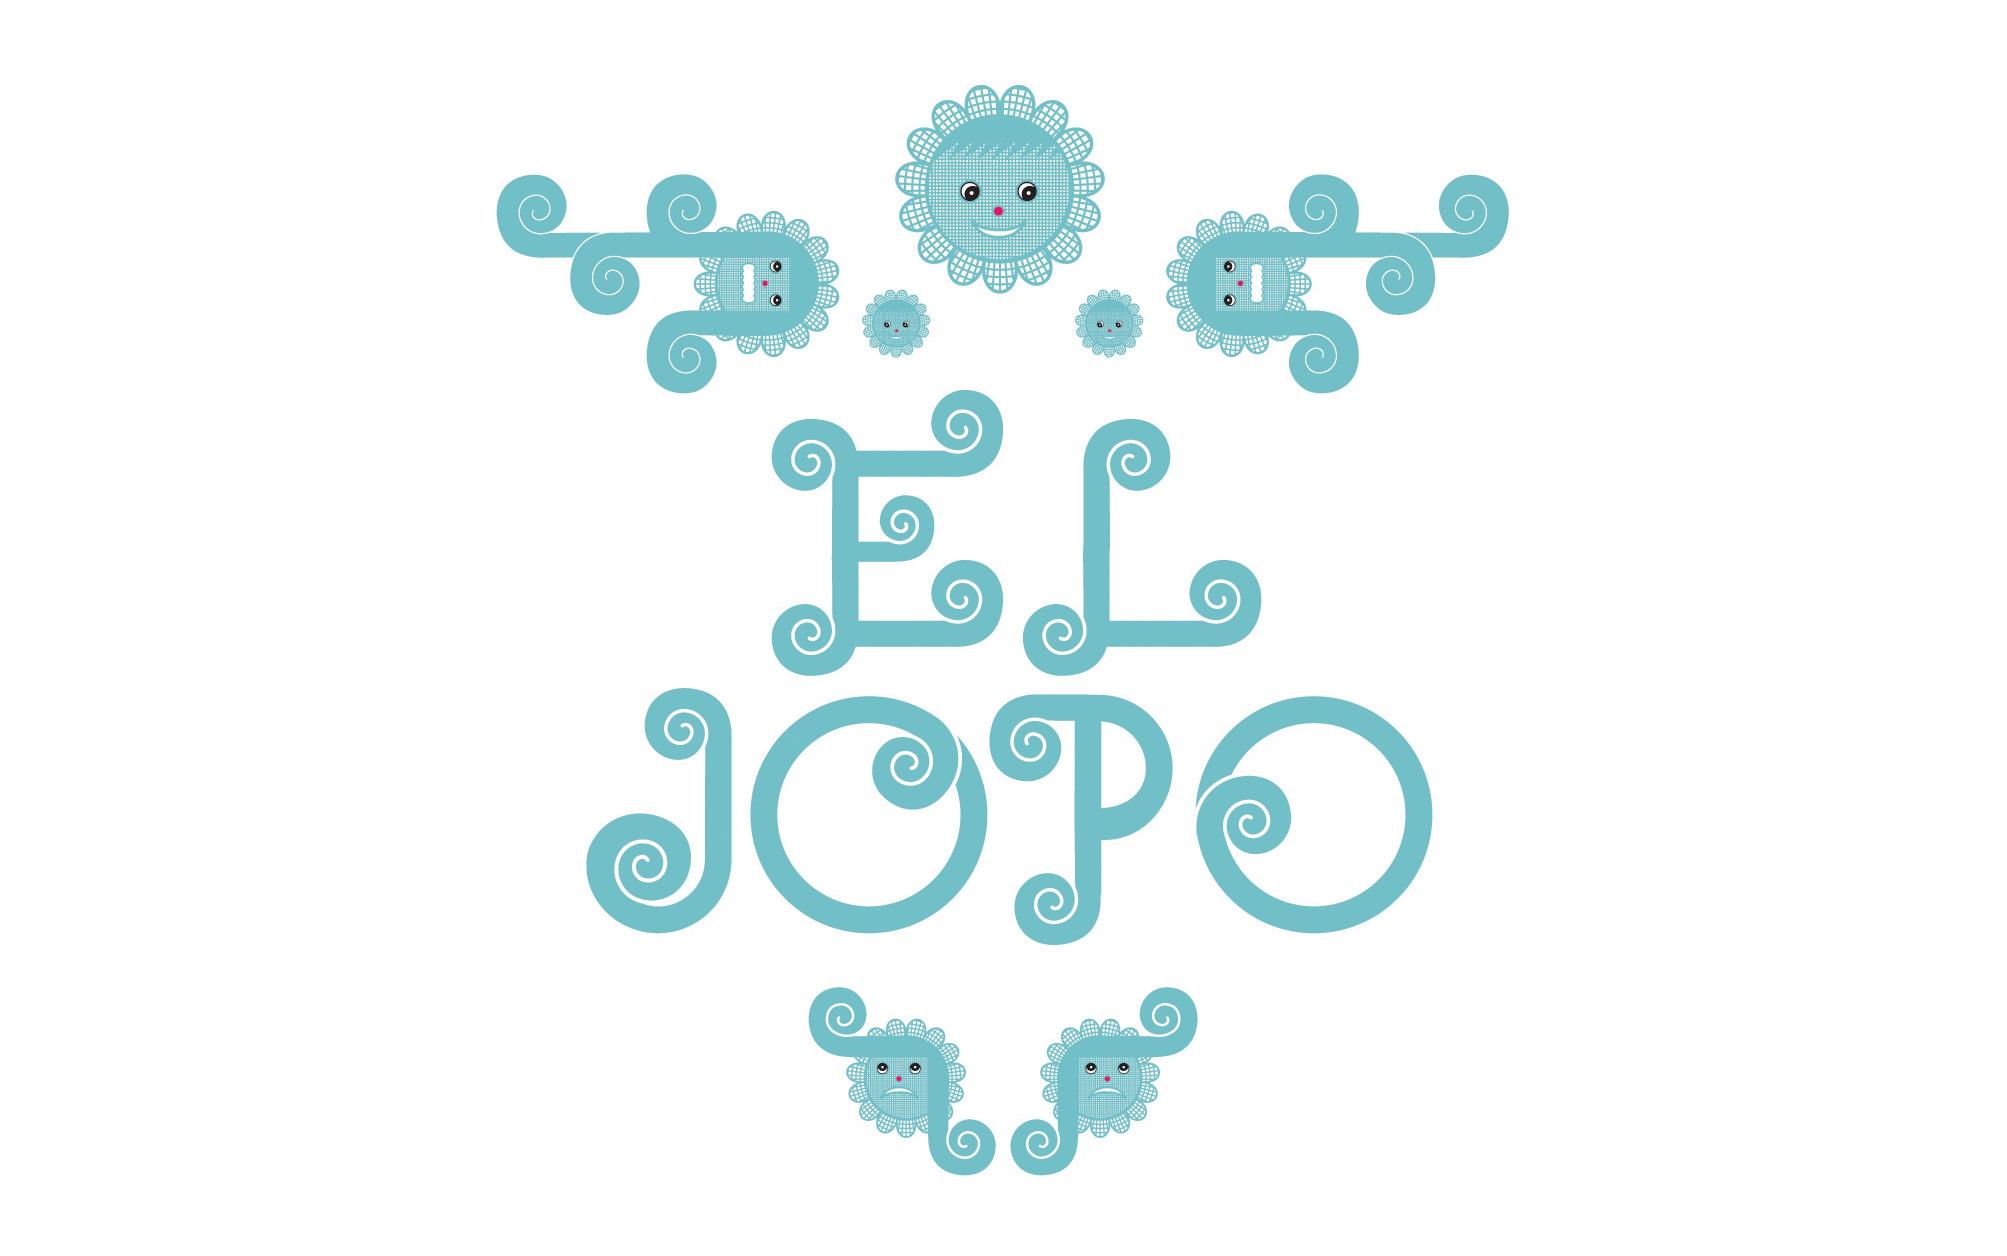 jopo-01b